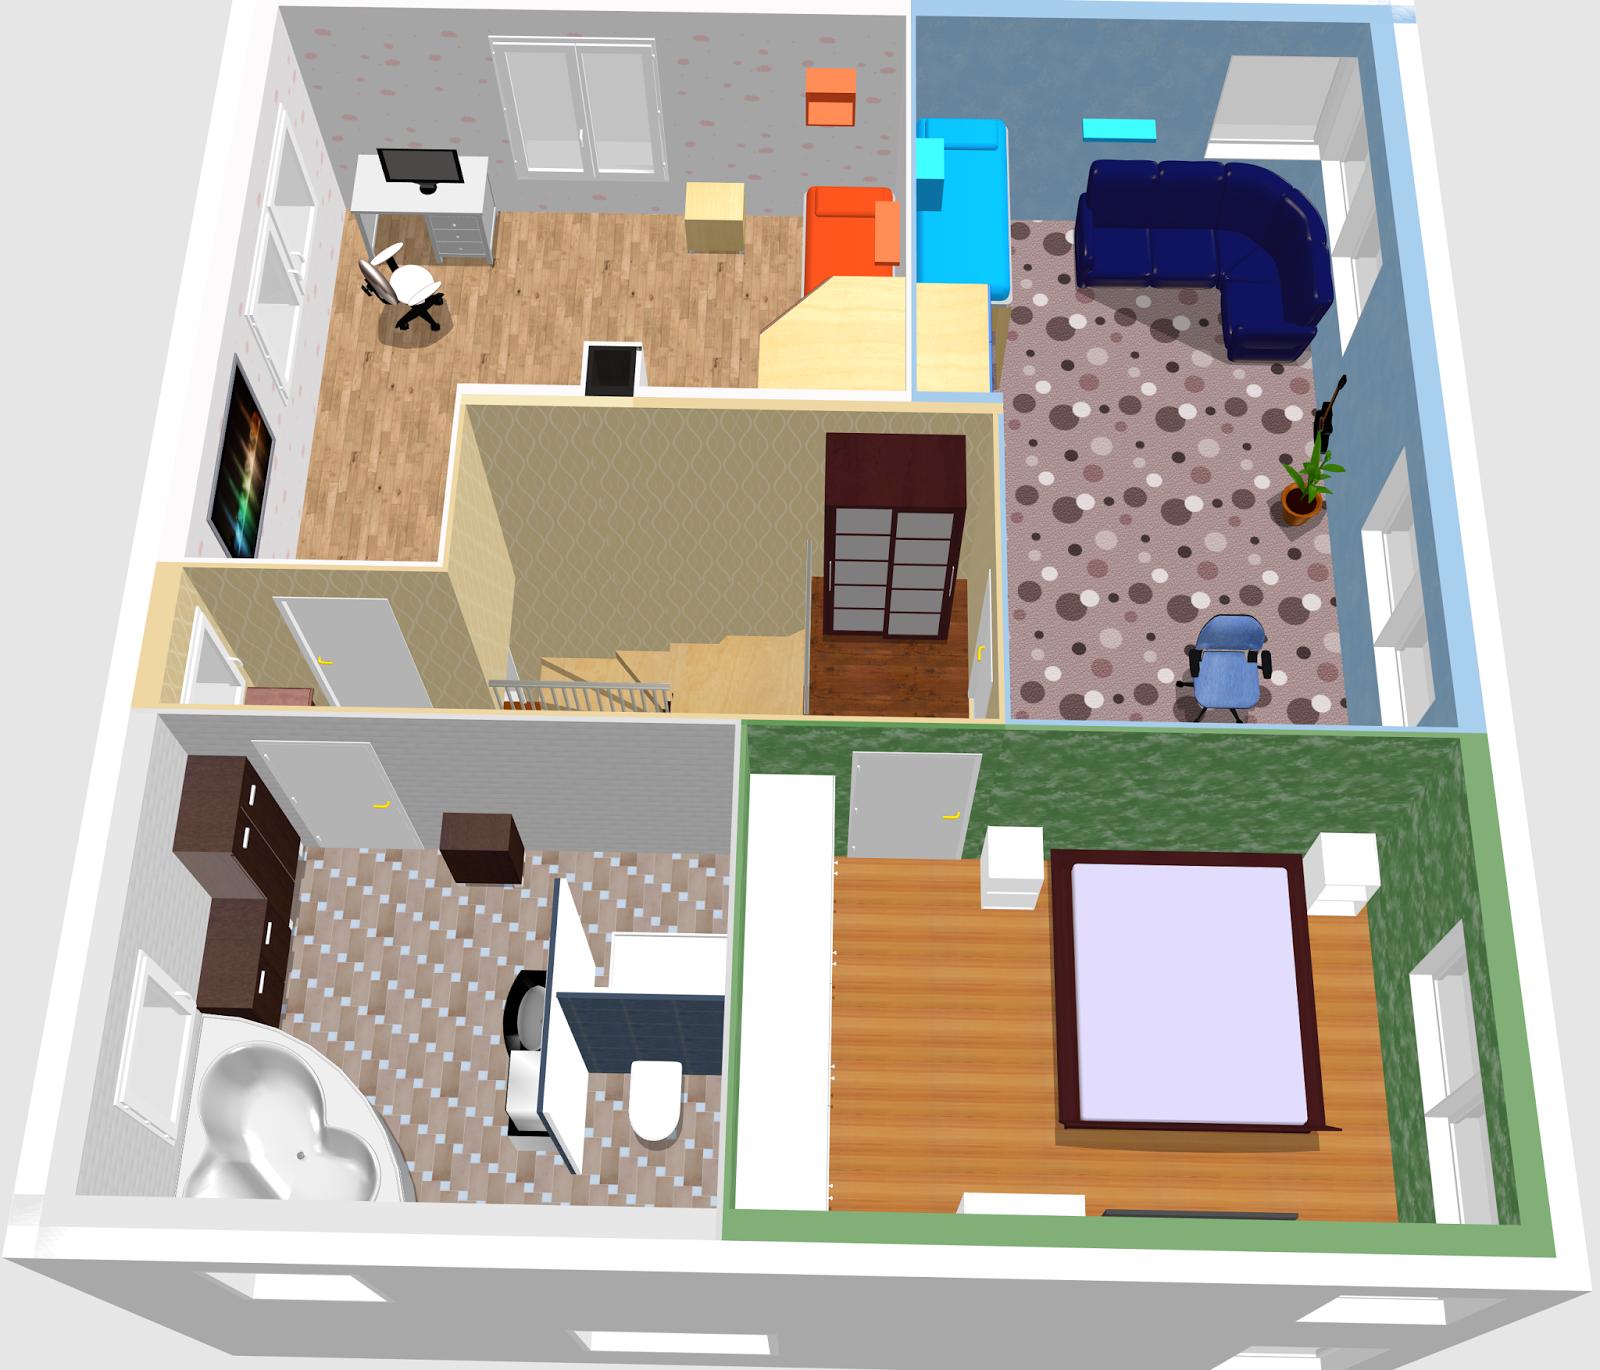 Die Einrichtung Der Kinderzimmer Ist Nur Beispielhaft, Genauso Wie  Sämtliche Wand  Und Bodenfarben! Das Badezimmer Wird Ein T Bad (Dusche, WC,  ...